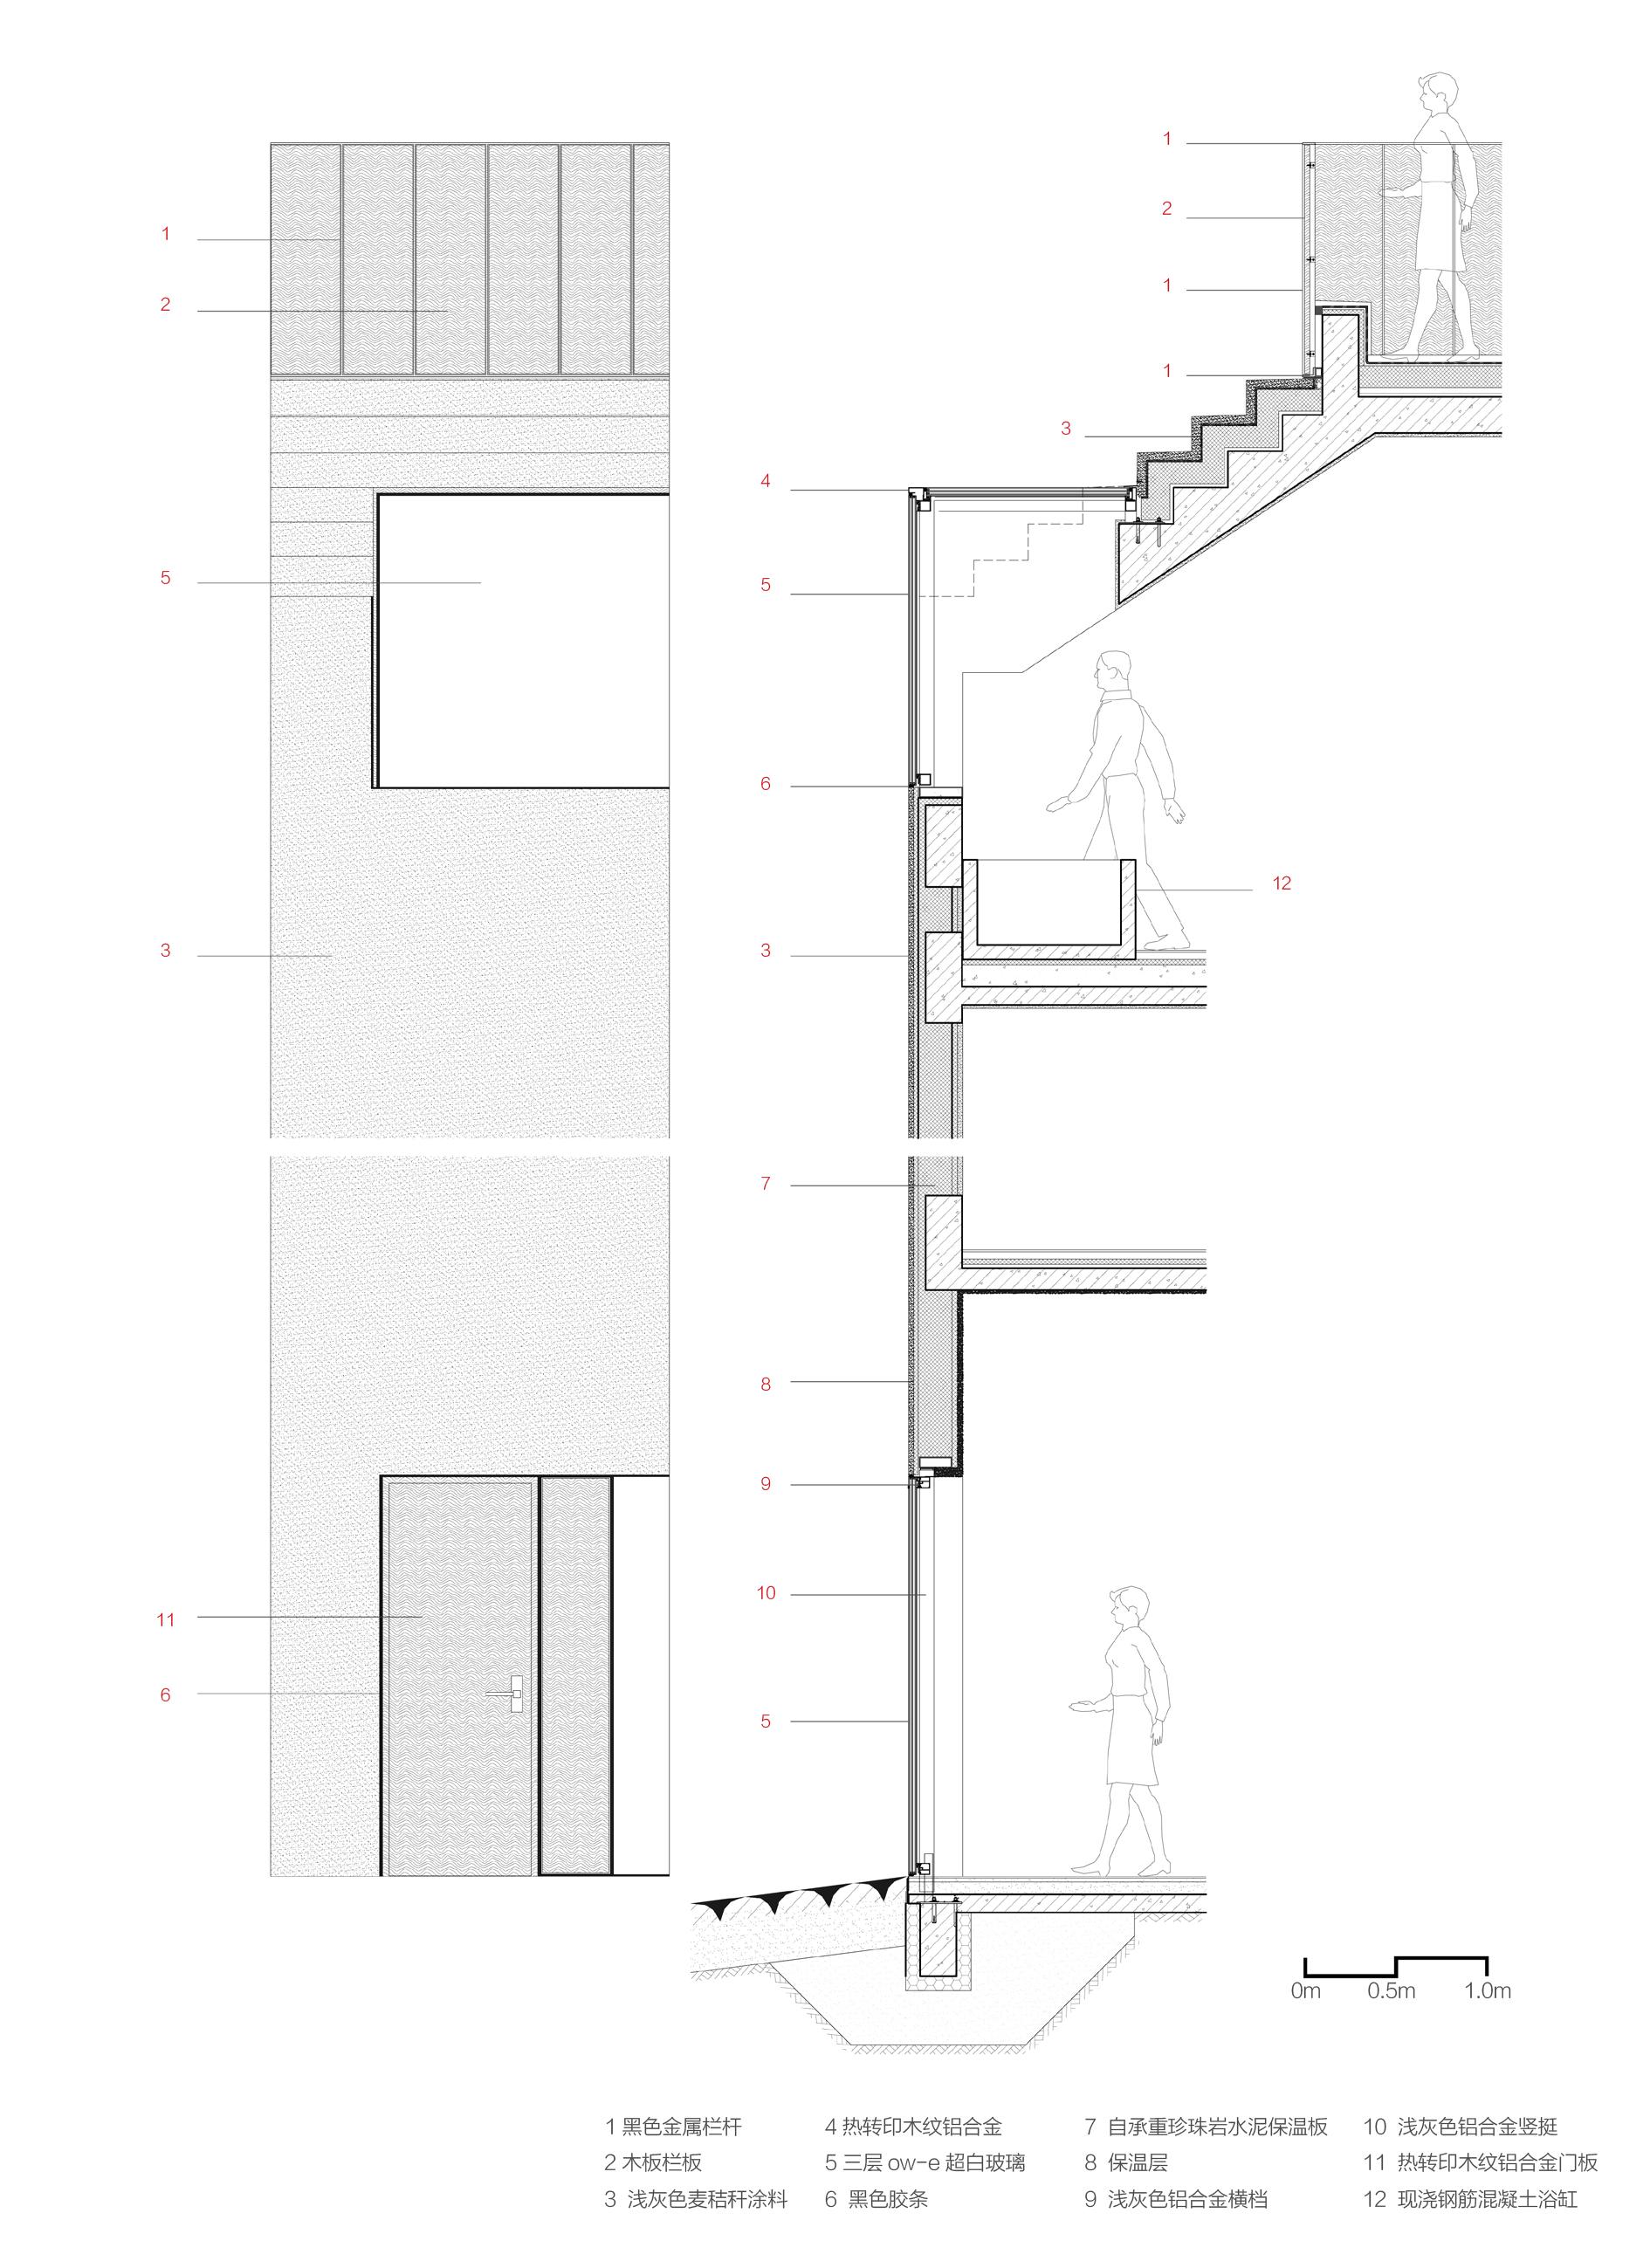 河北隆化热河山谷天空院子建筑设计 /  gad